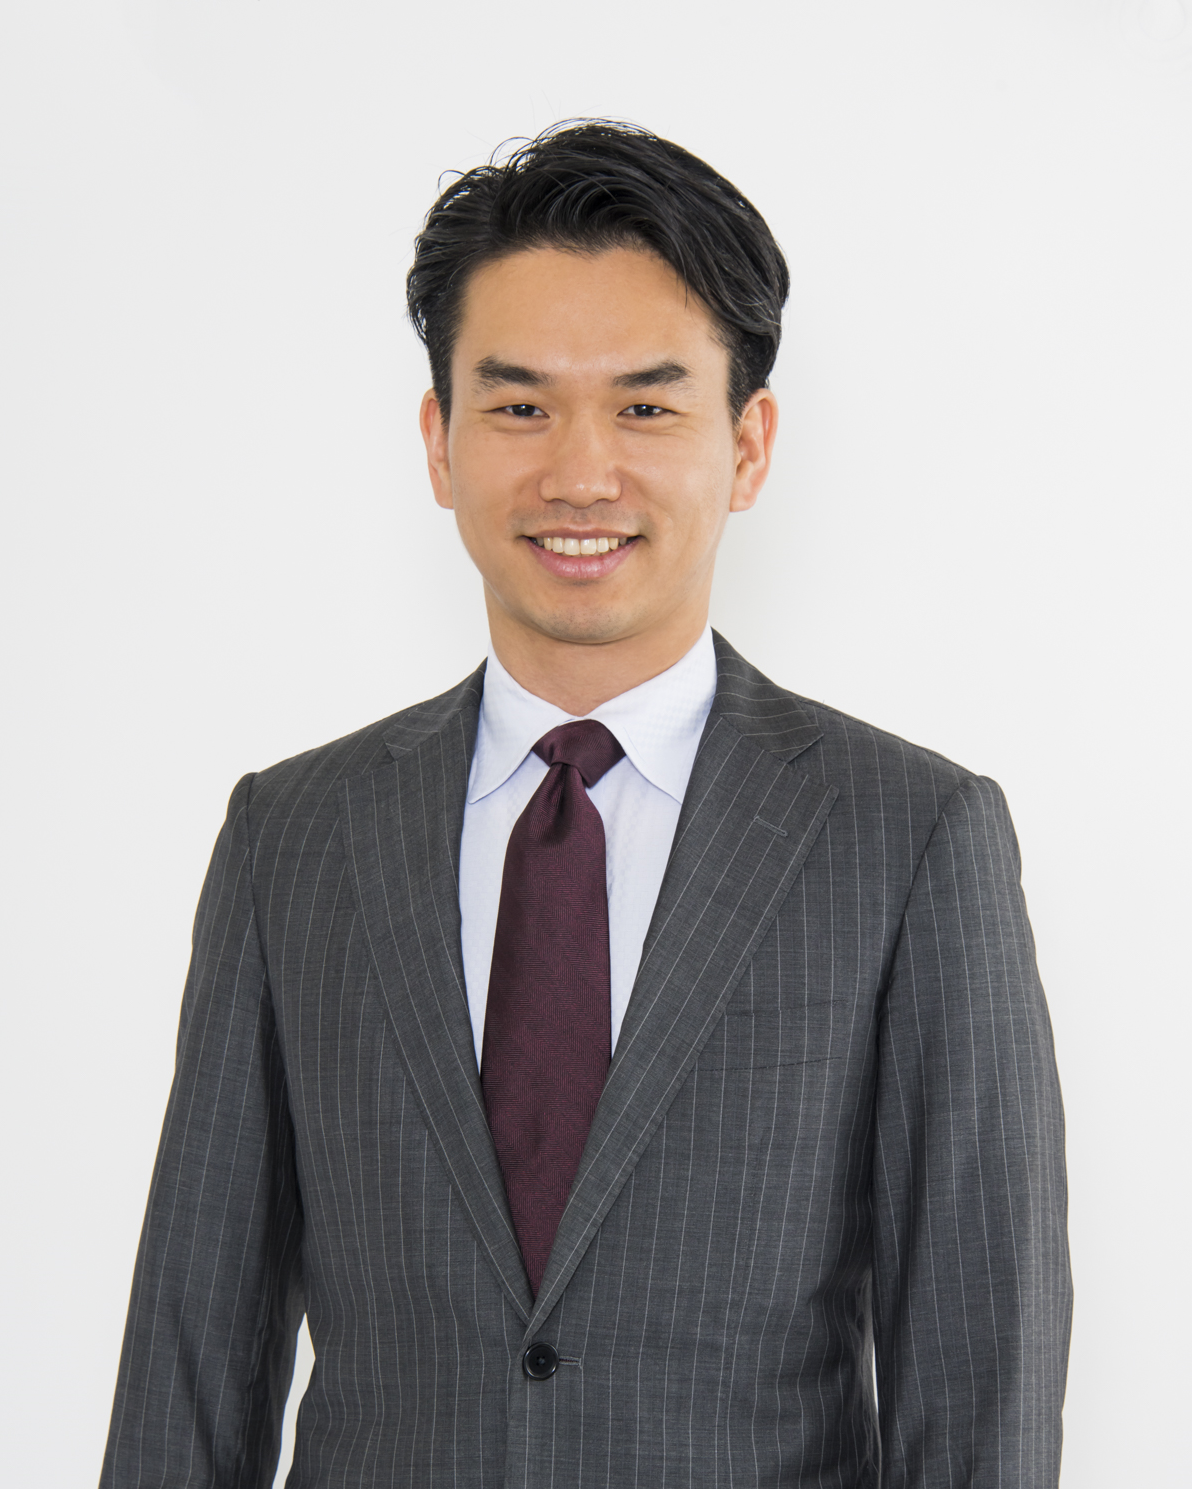 (株)iCARE 代表取締役 CEO 山田 洋太